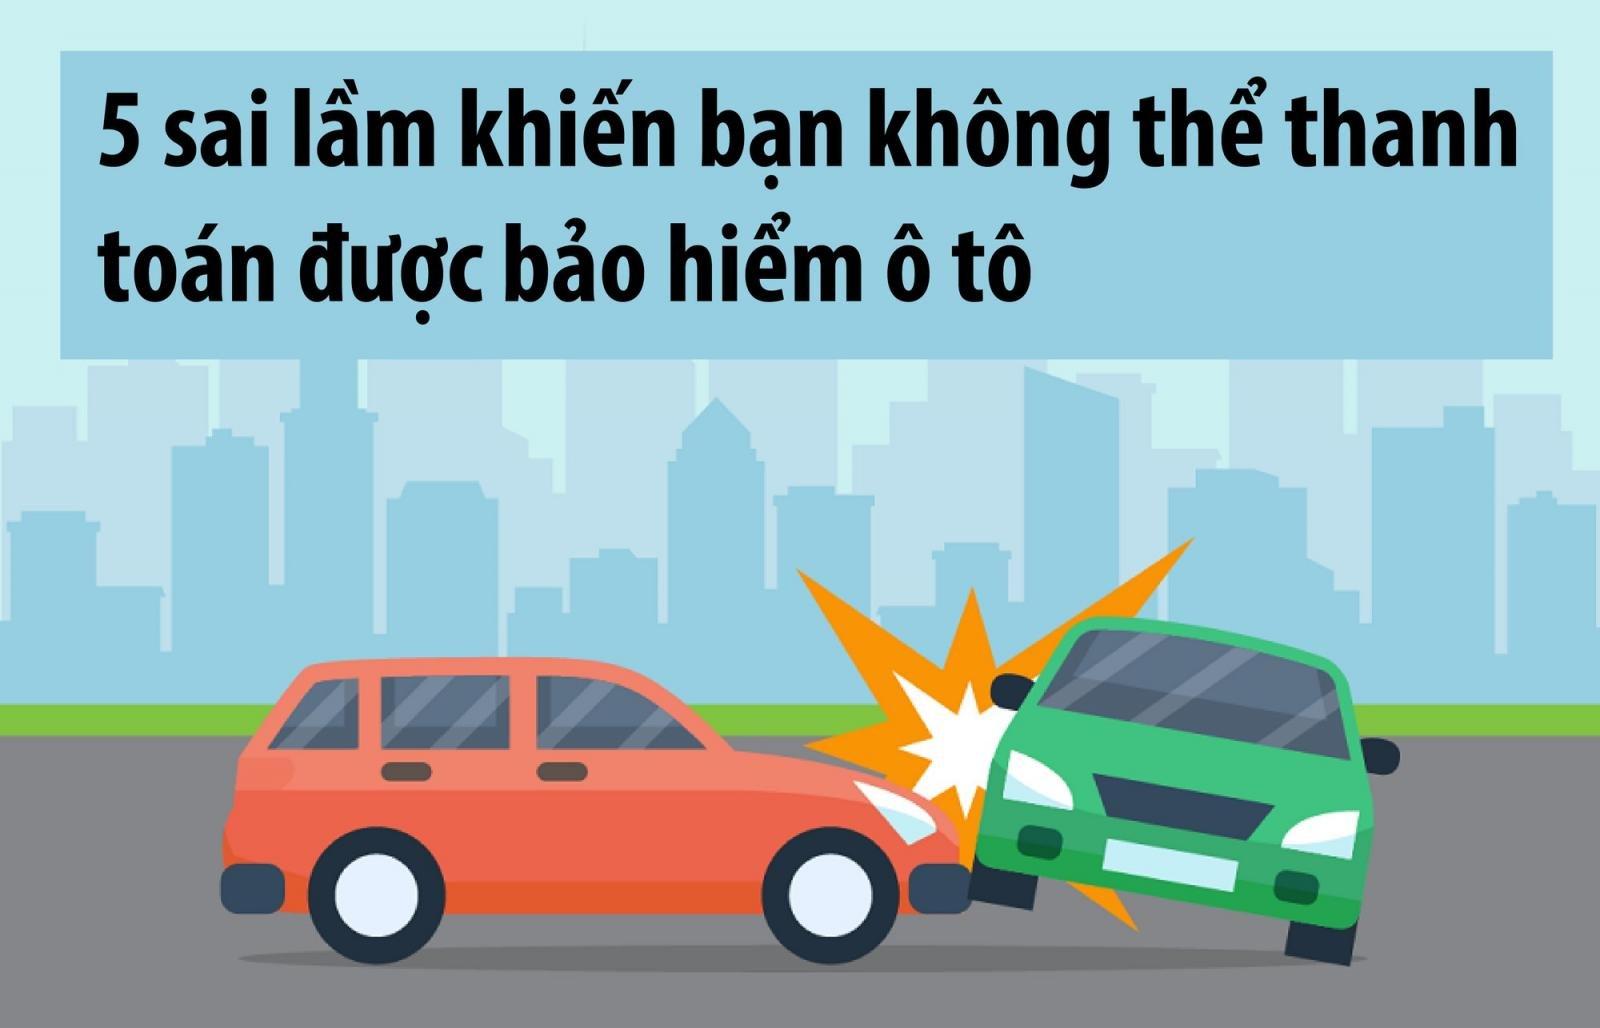 Vì sao bạn khó thanh toán bảo hiểm ô tô khi gặp tai nạn?.